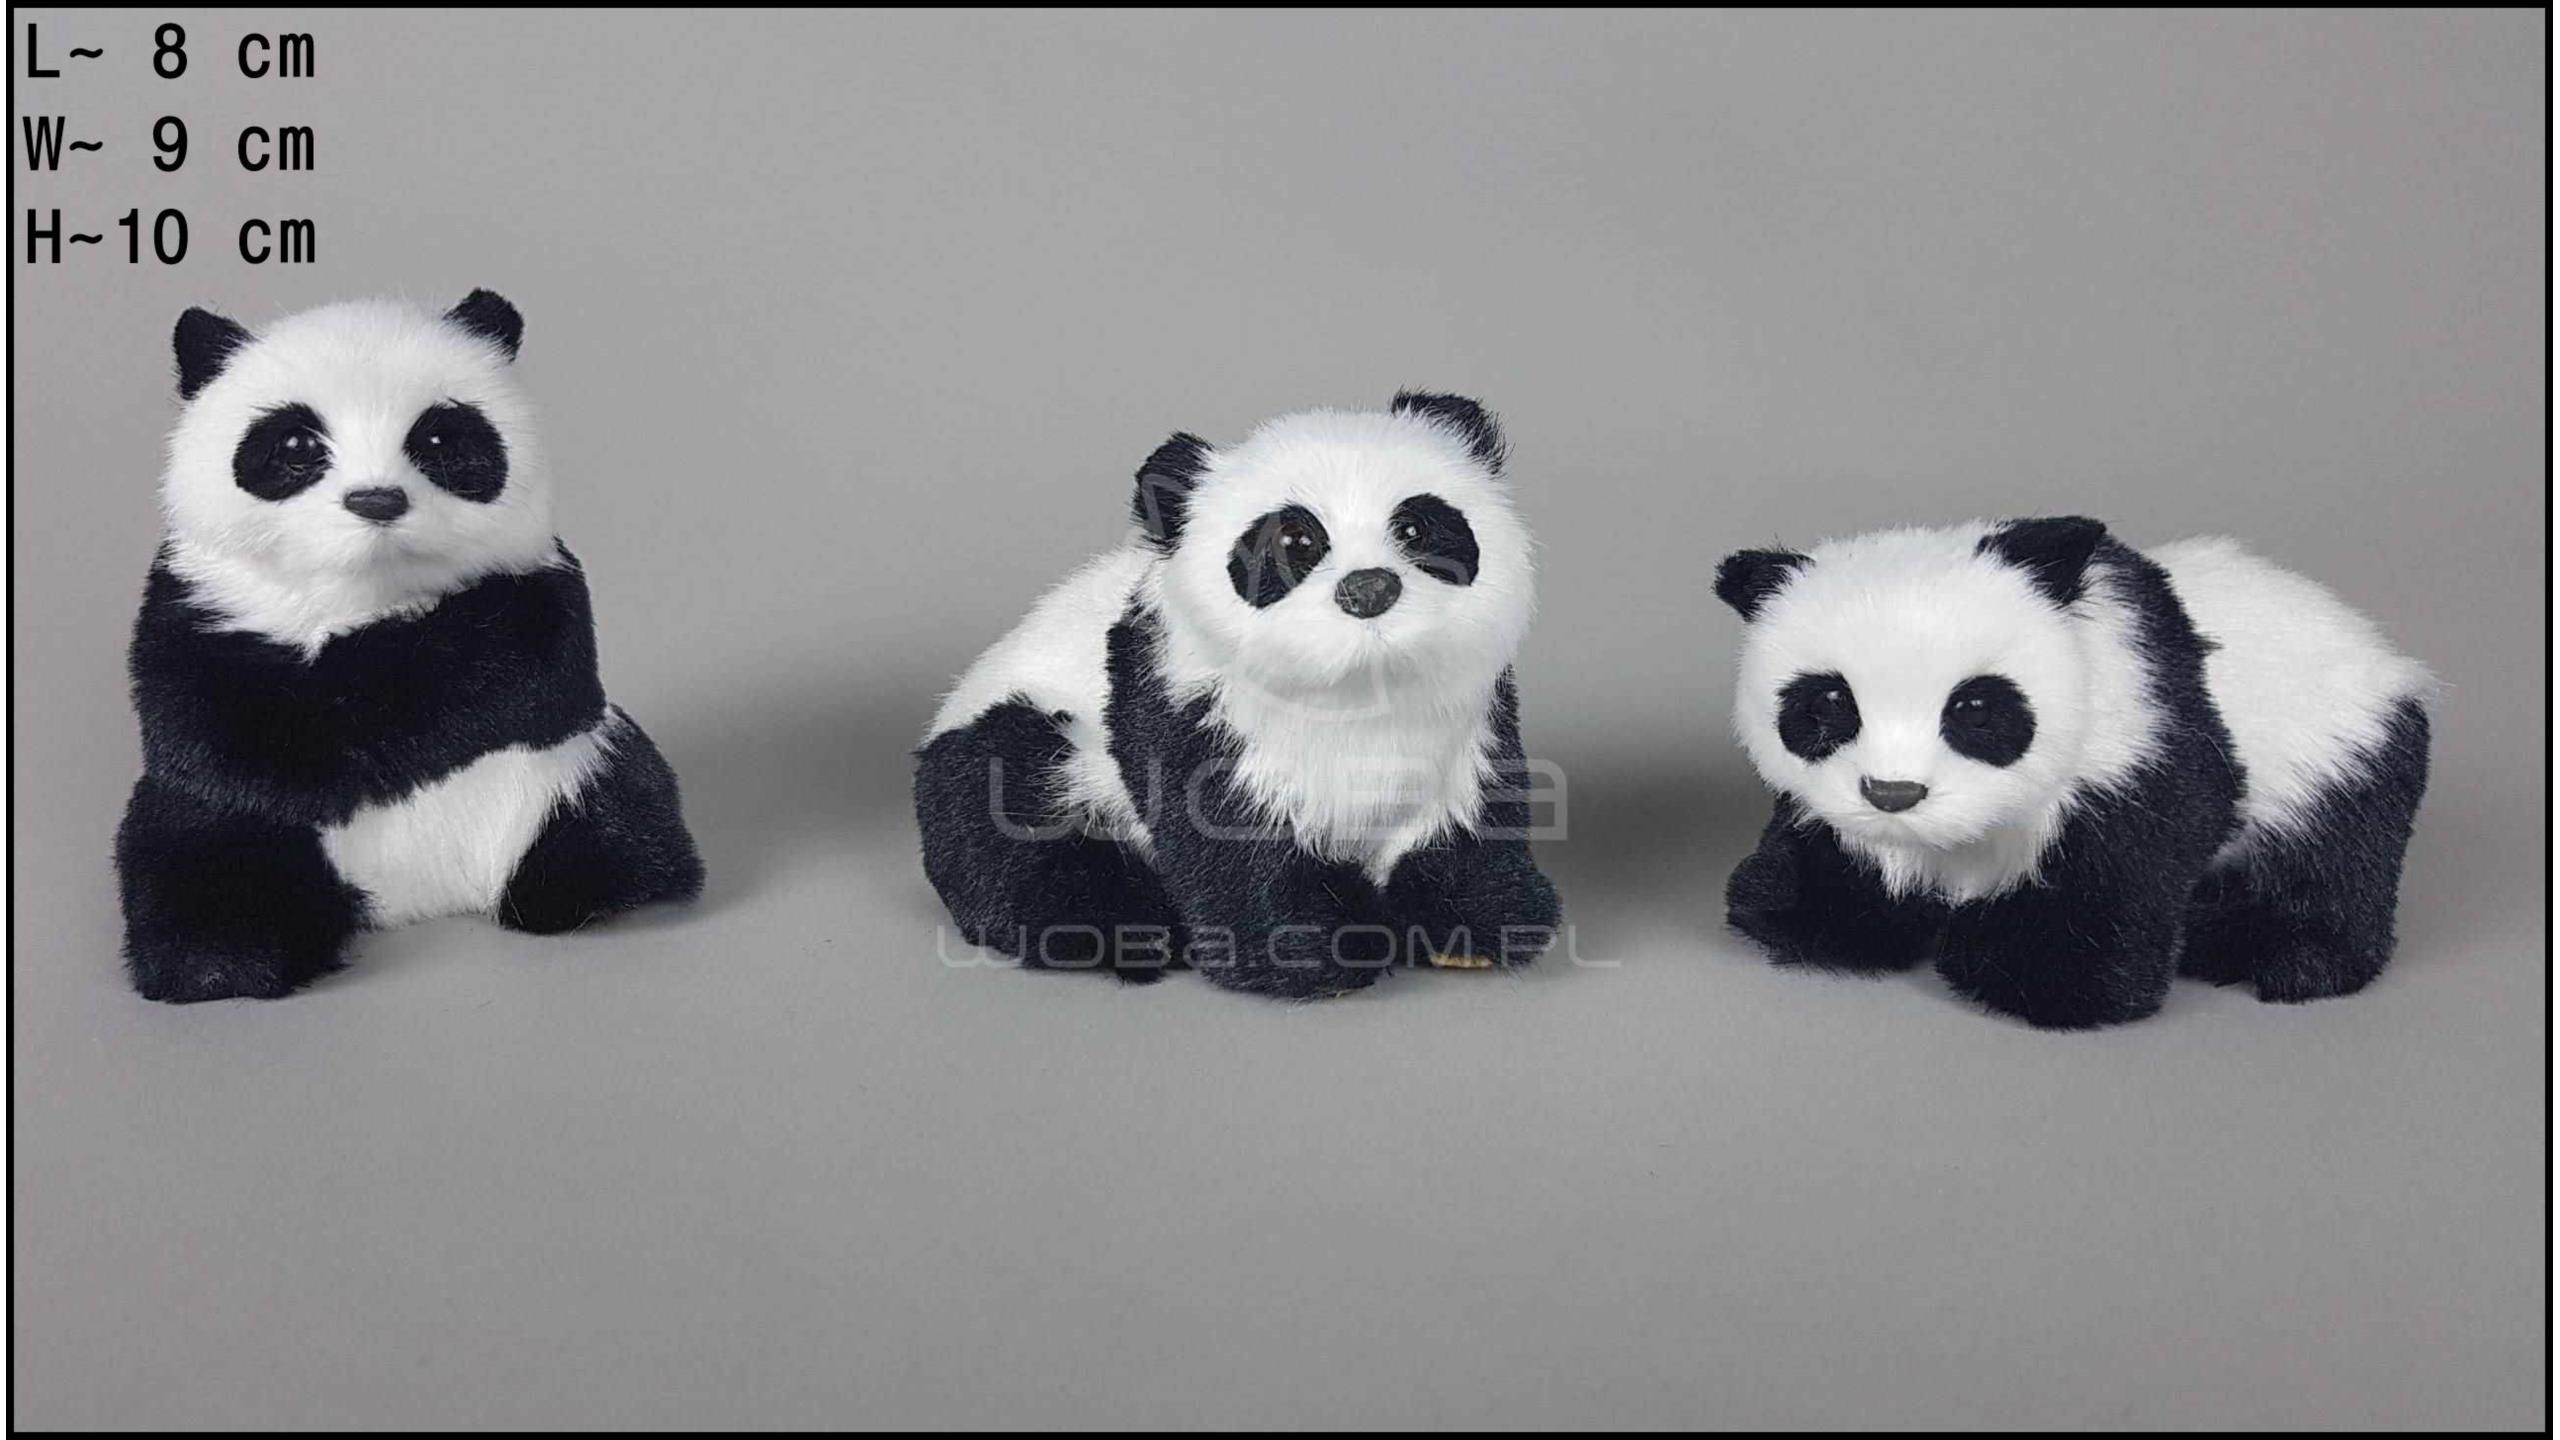 Middle-sized pandas (3 pcs in a box)